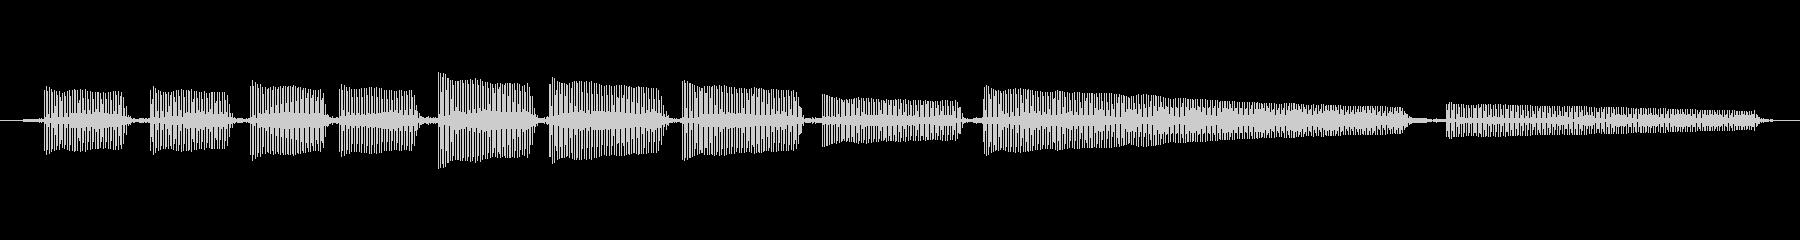 エレキギター5弦チューニング1の未再生の波形